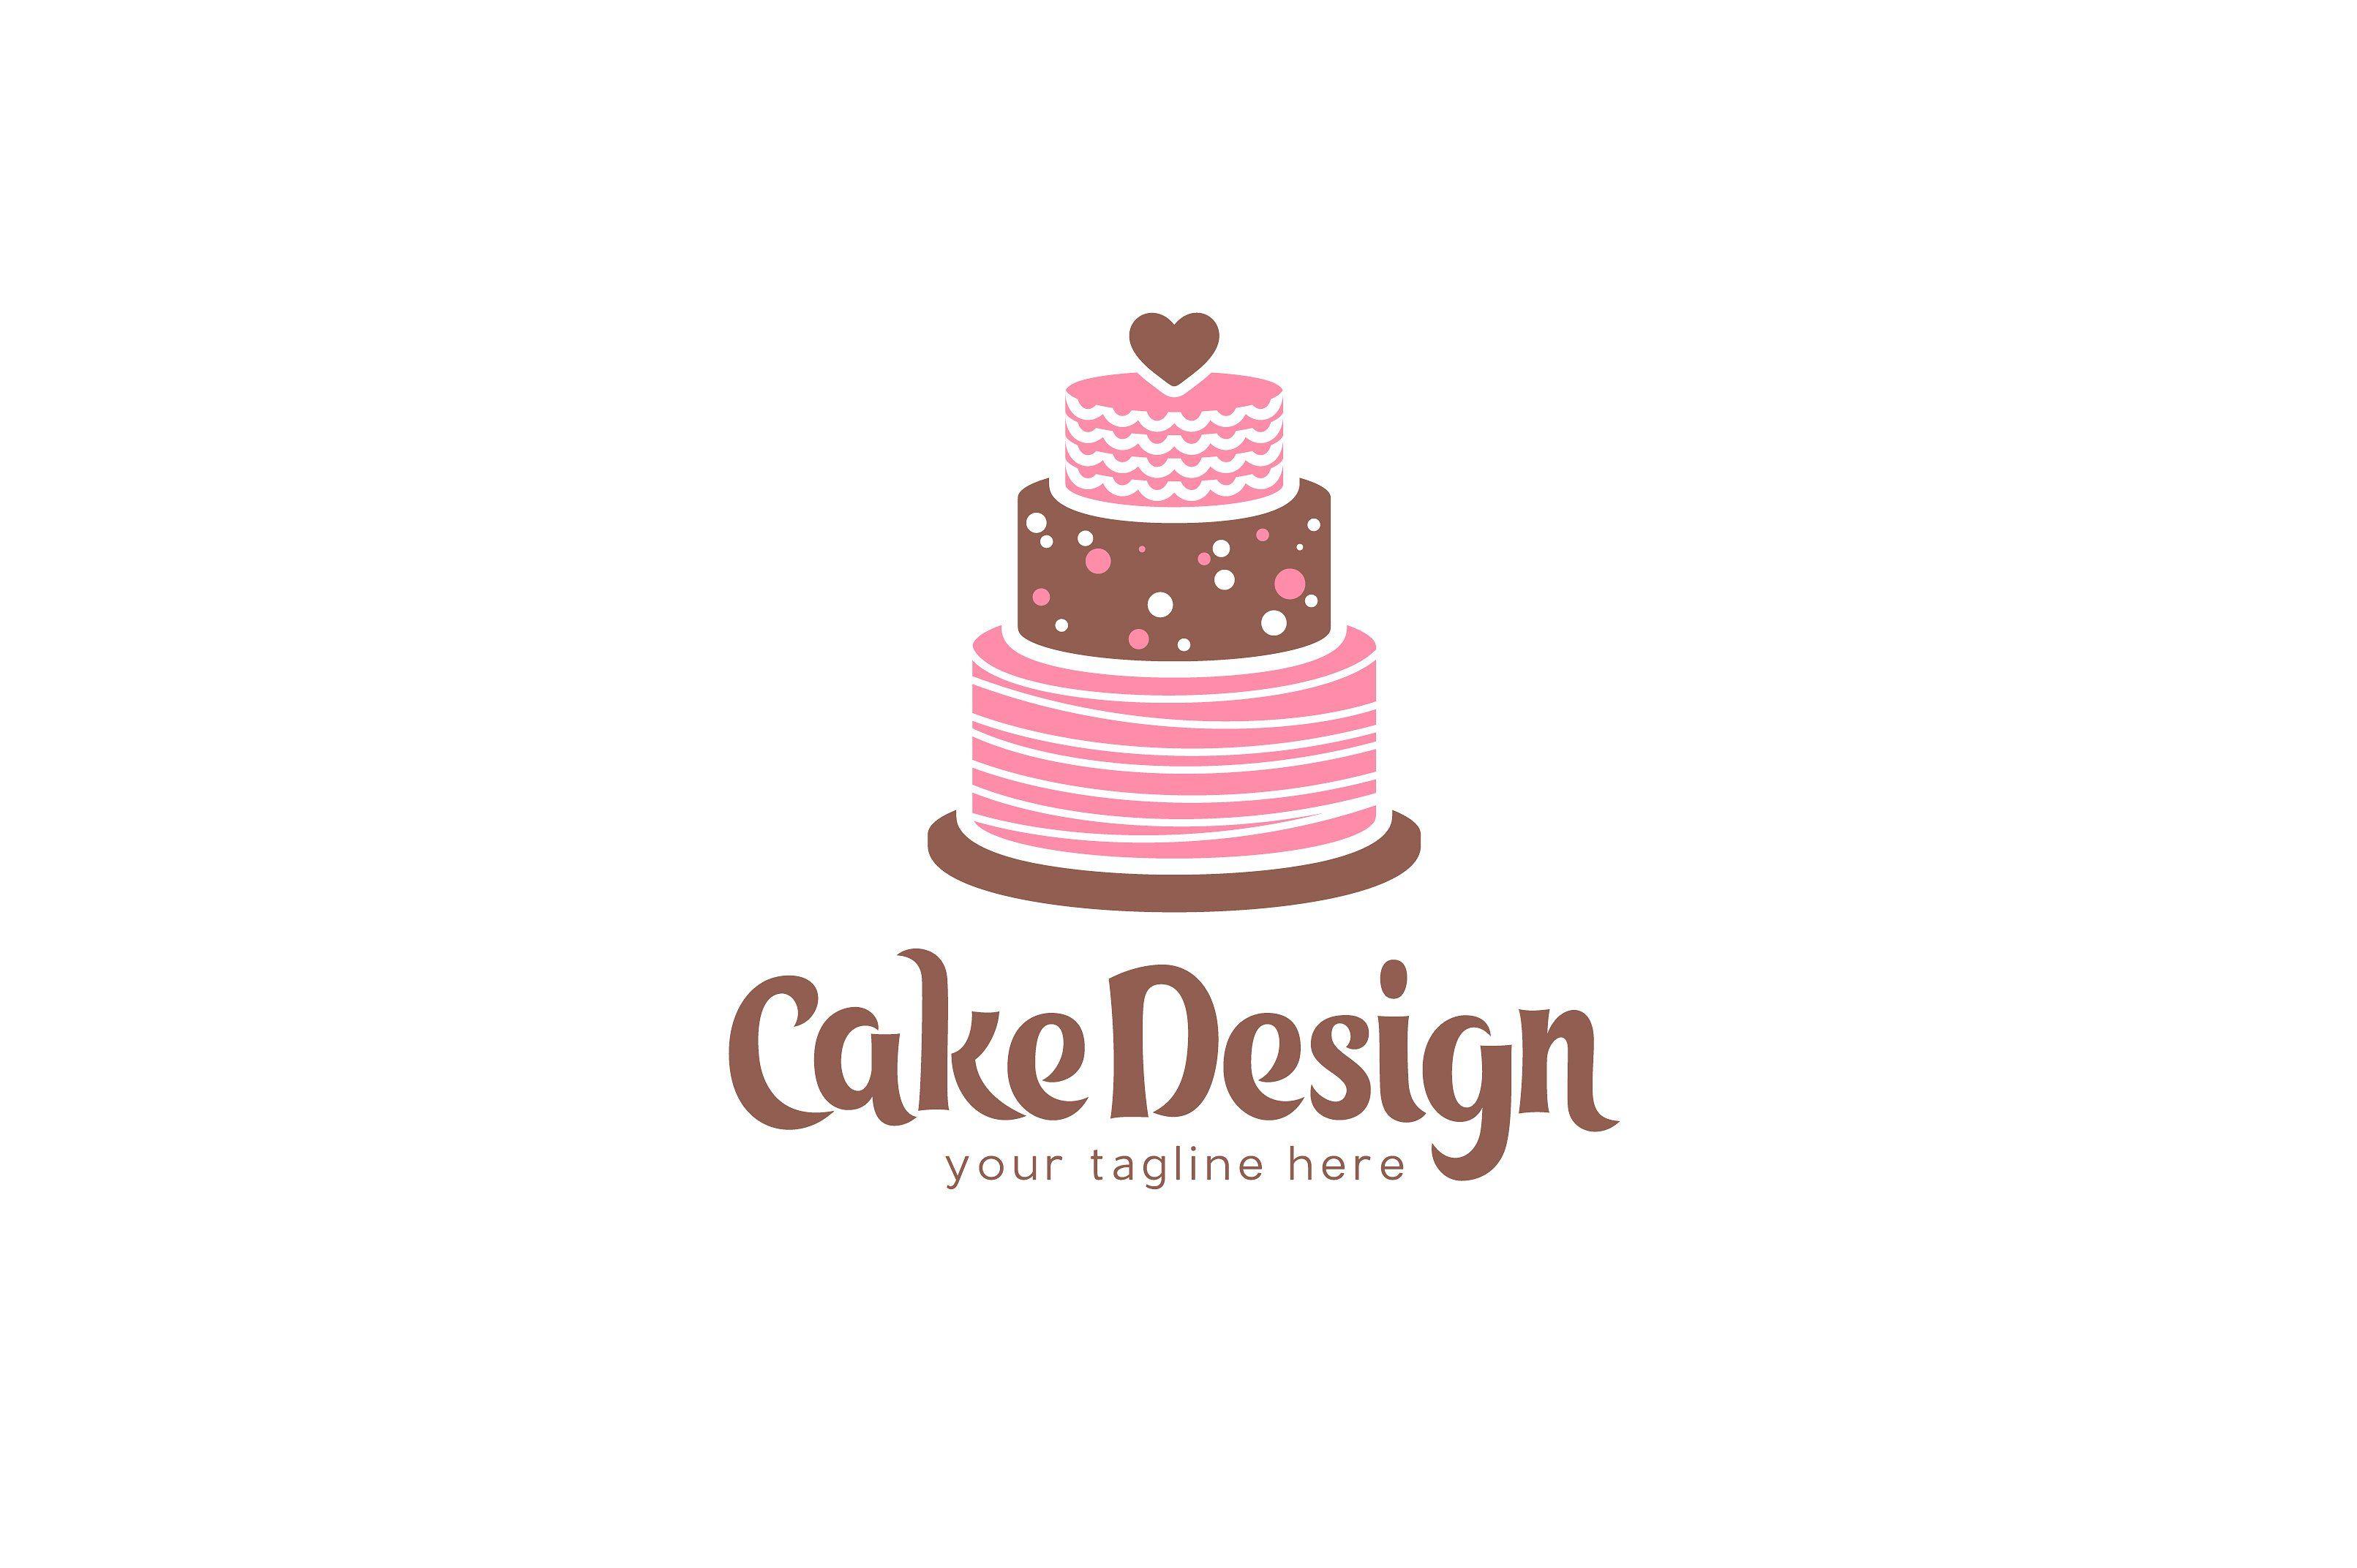 cake decor logo design Cake Design Logo  Cake logo design, Cake logo, Logo design